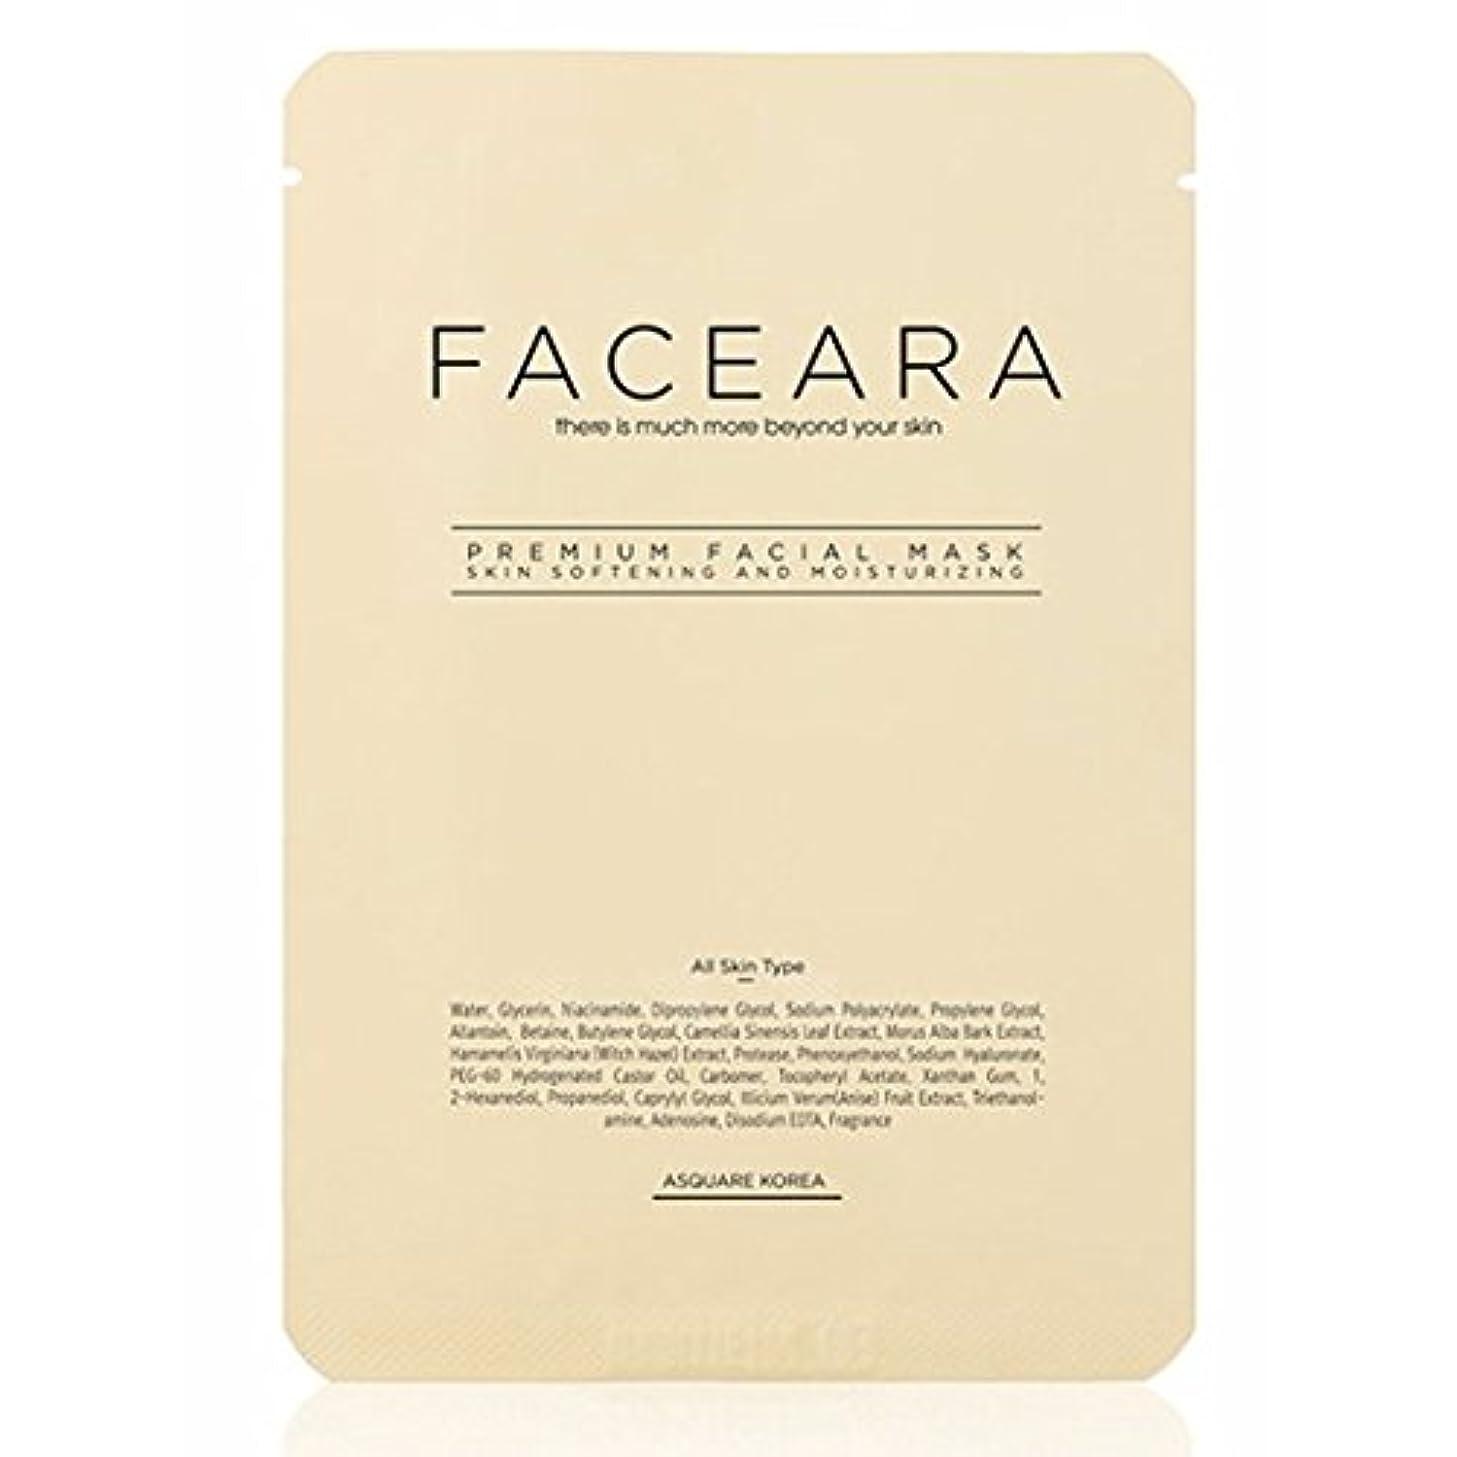 おばさんカビ前提[並行輸入品] FACEARA スクラブ&スーパーモイスチャライザー用プレミアムフェイシャルマスクシート25g 5本セット / FACEARA Premium Facial Mask Sheet for Scrub &...